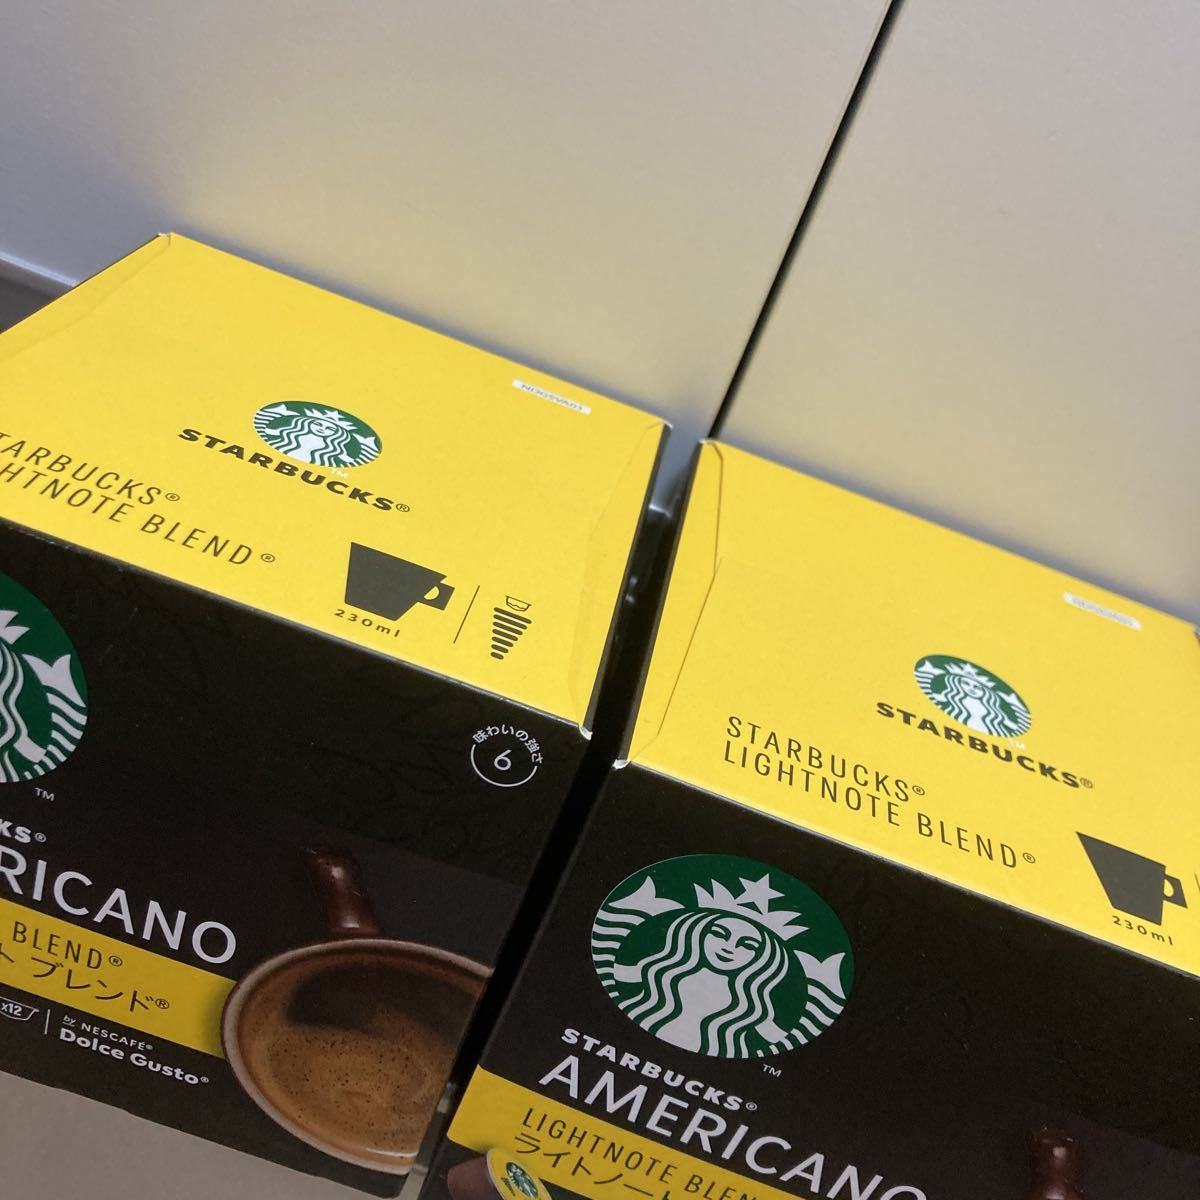 ネスカフェ ドルチェグスト専用カプセル スターバックス STARBUCKS (12杯) × 2箱 スタバ コーヒー クーポン利用 送料無料 即決